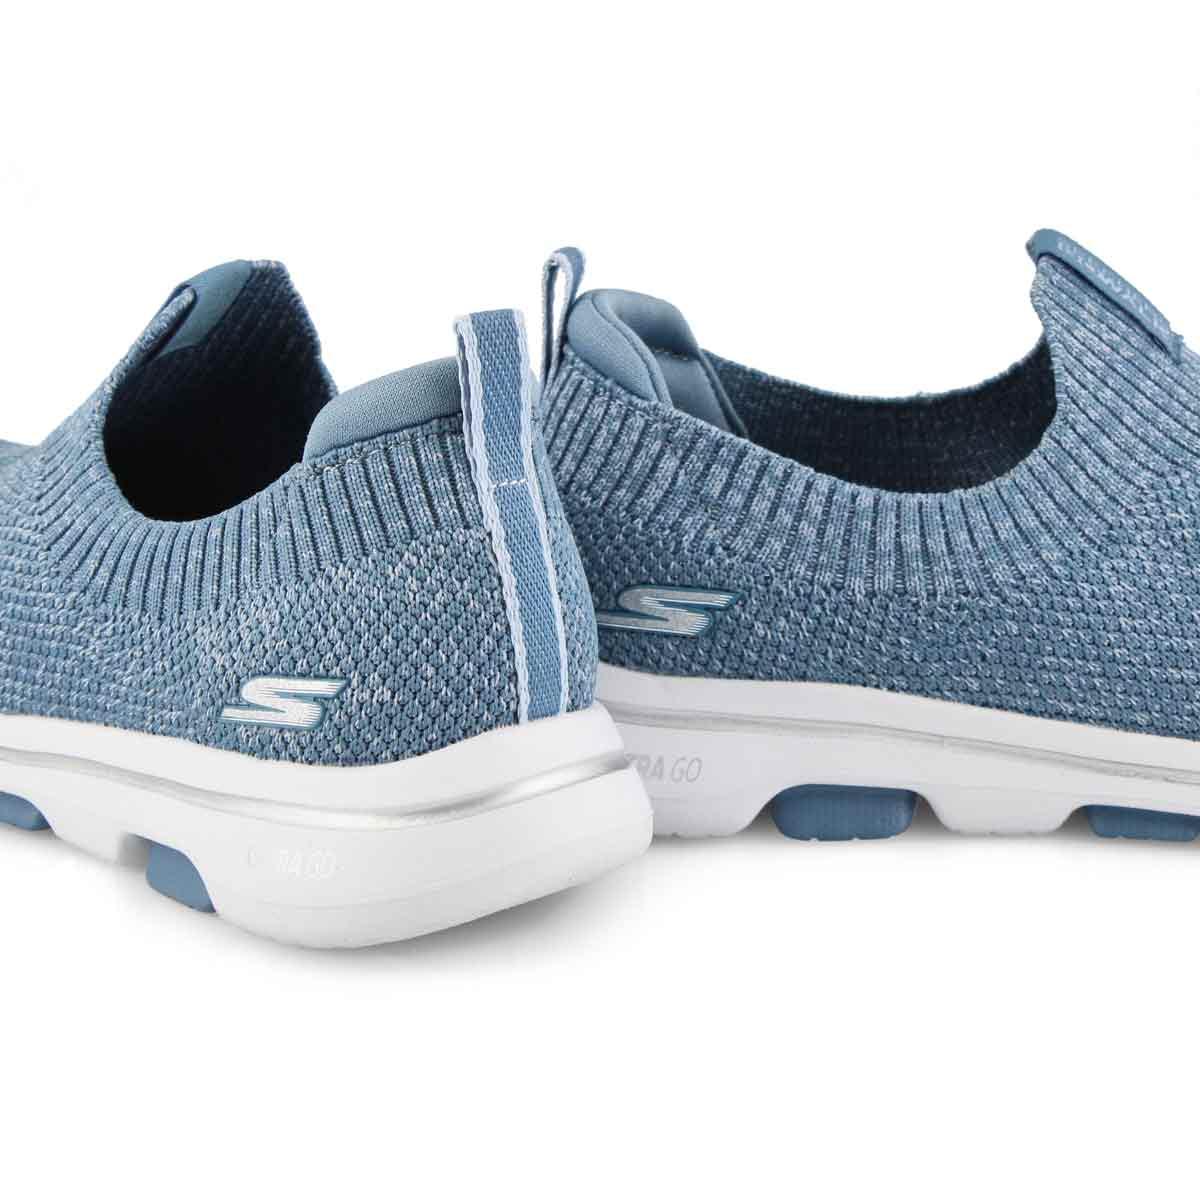 Lds GOwalk 5 Trendy blue slip on shoe